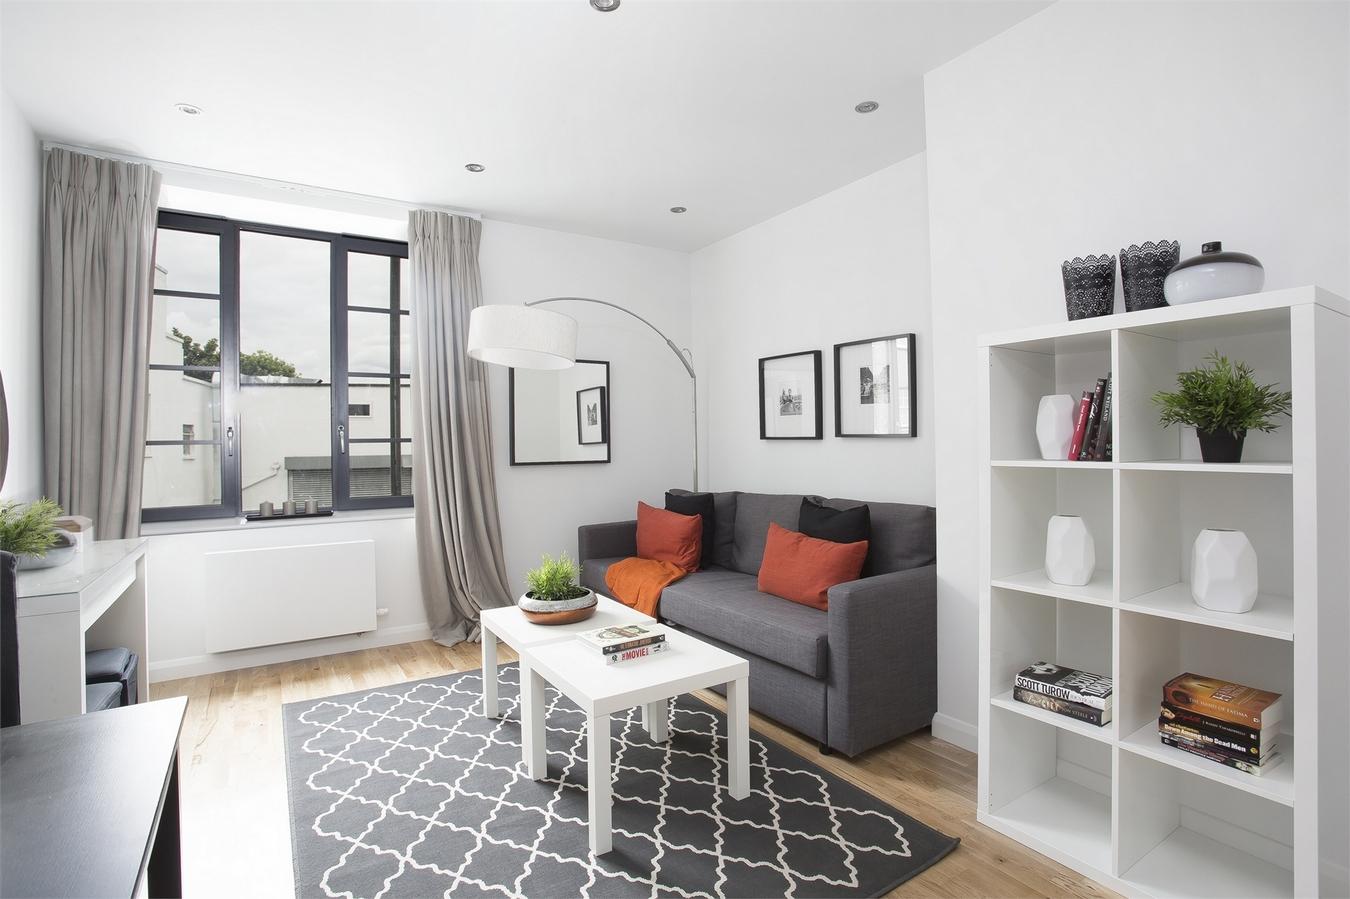 1 Bedroom Flat To Rent In Tech West Lofts 4 Warple Way Acton Acton W3 London